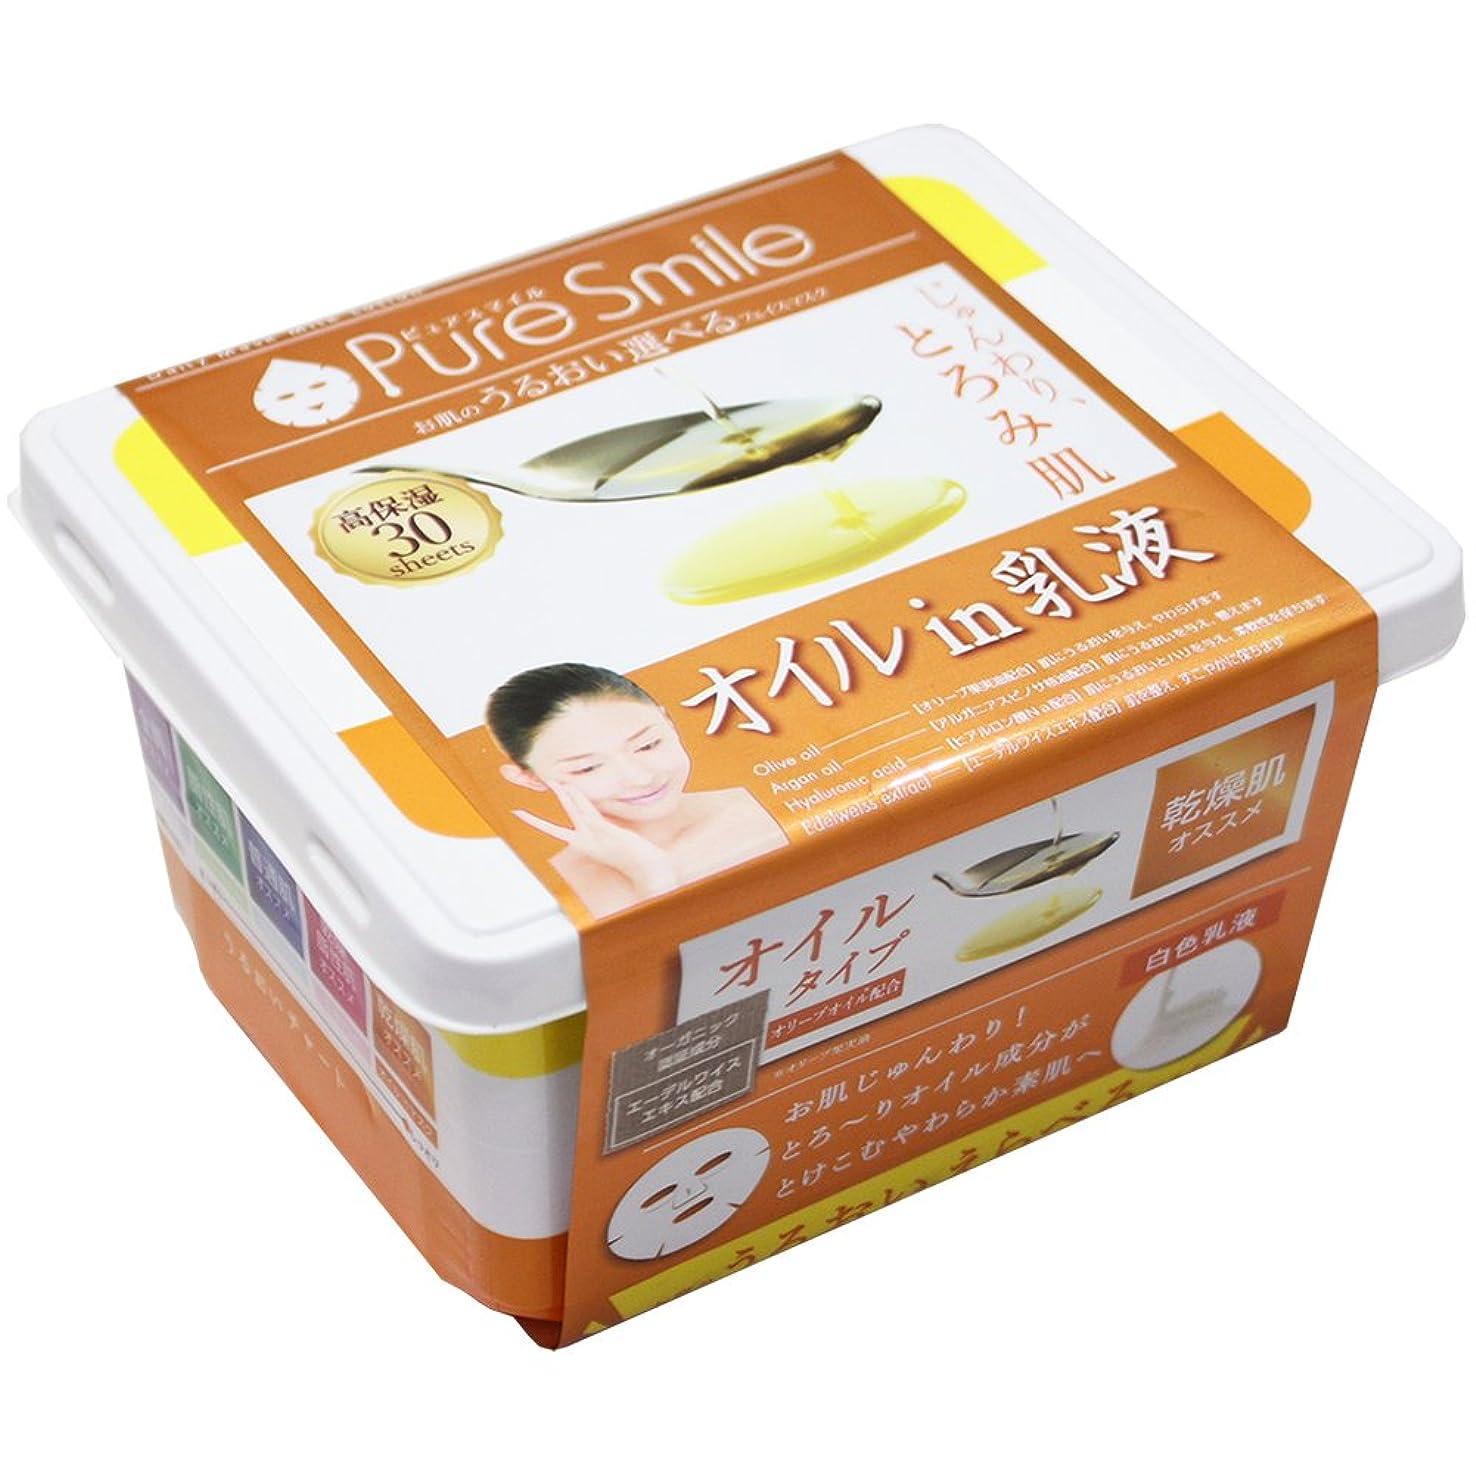 ドルマイコン祈りPureSmile(ピュアスマイル) フェイスパック エッセンスマスク 30枚セット オイルin乳液?3S05